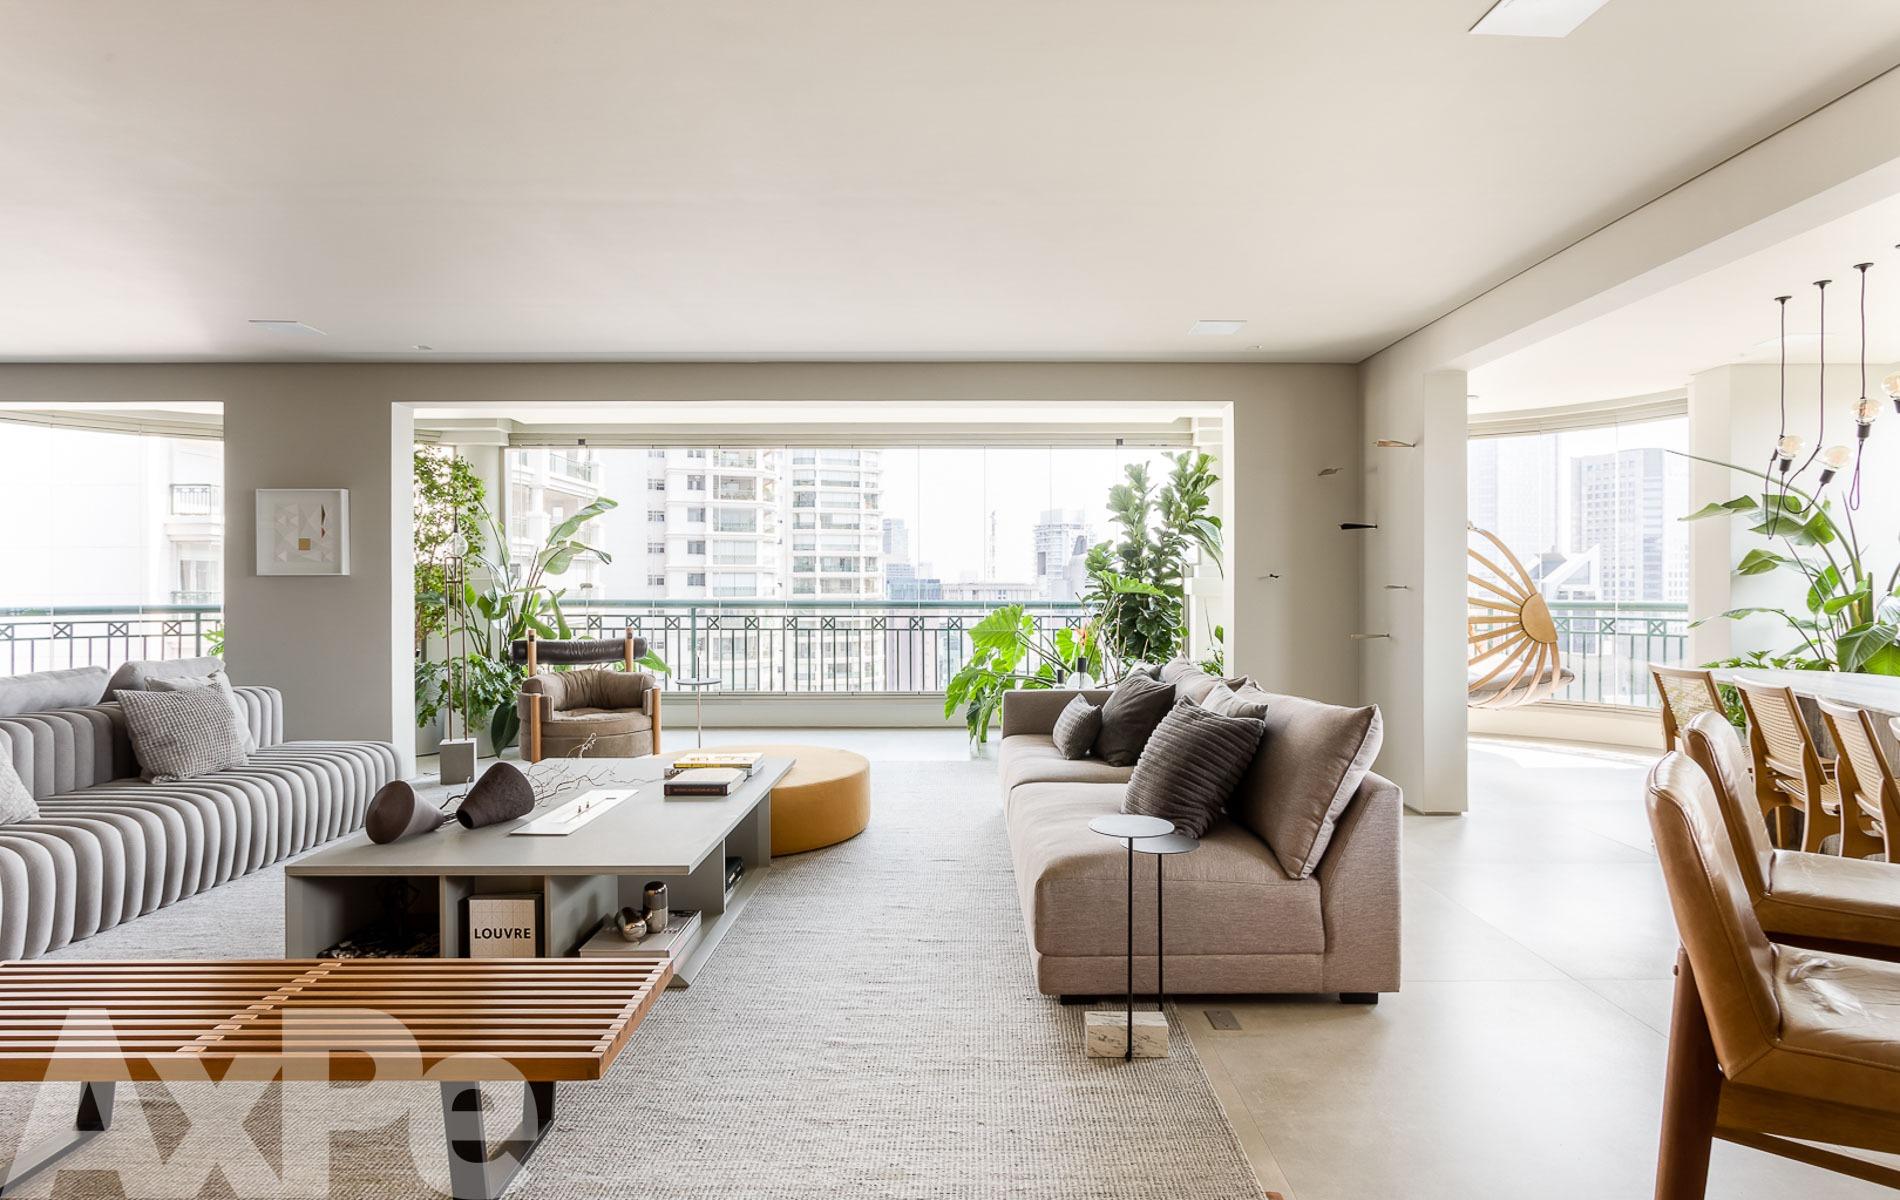 Axpe Apartamento - AX135598